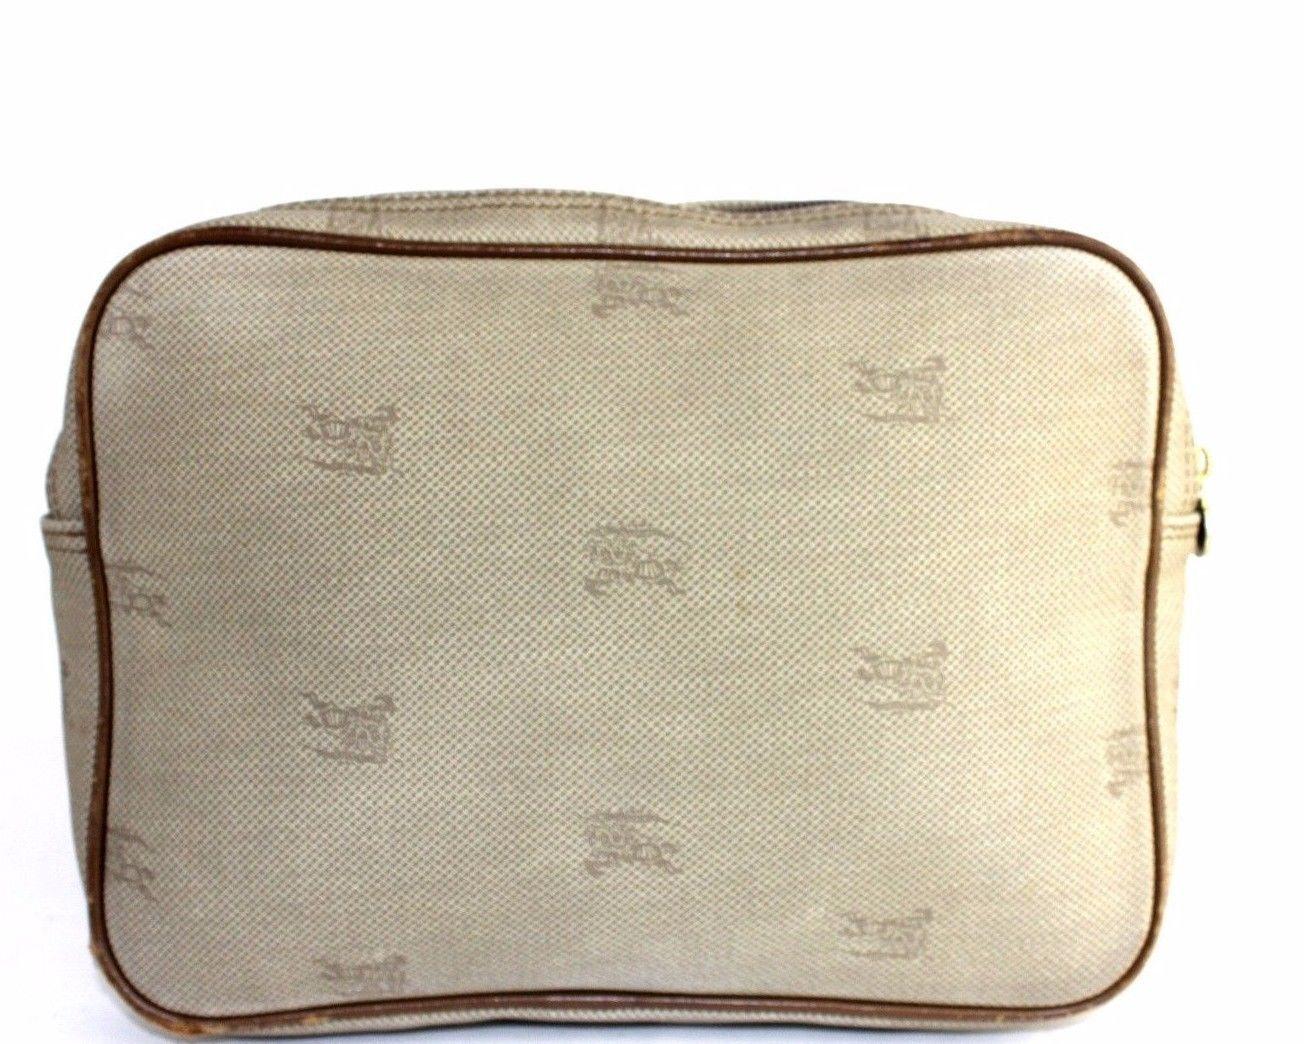 48a27036e544 Auth Burberrys London Monogram Canvas pattern Leather Beige Clutch bag  Vintage